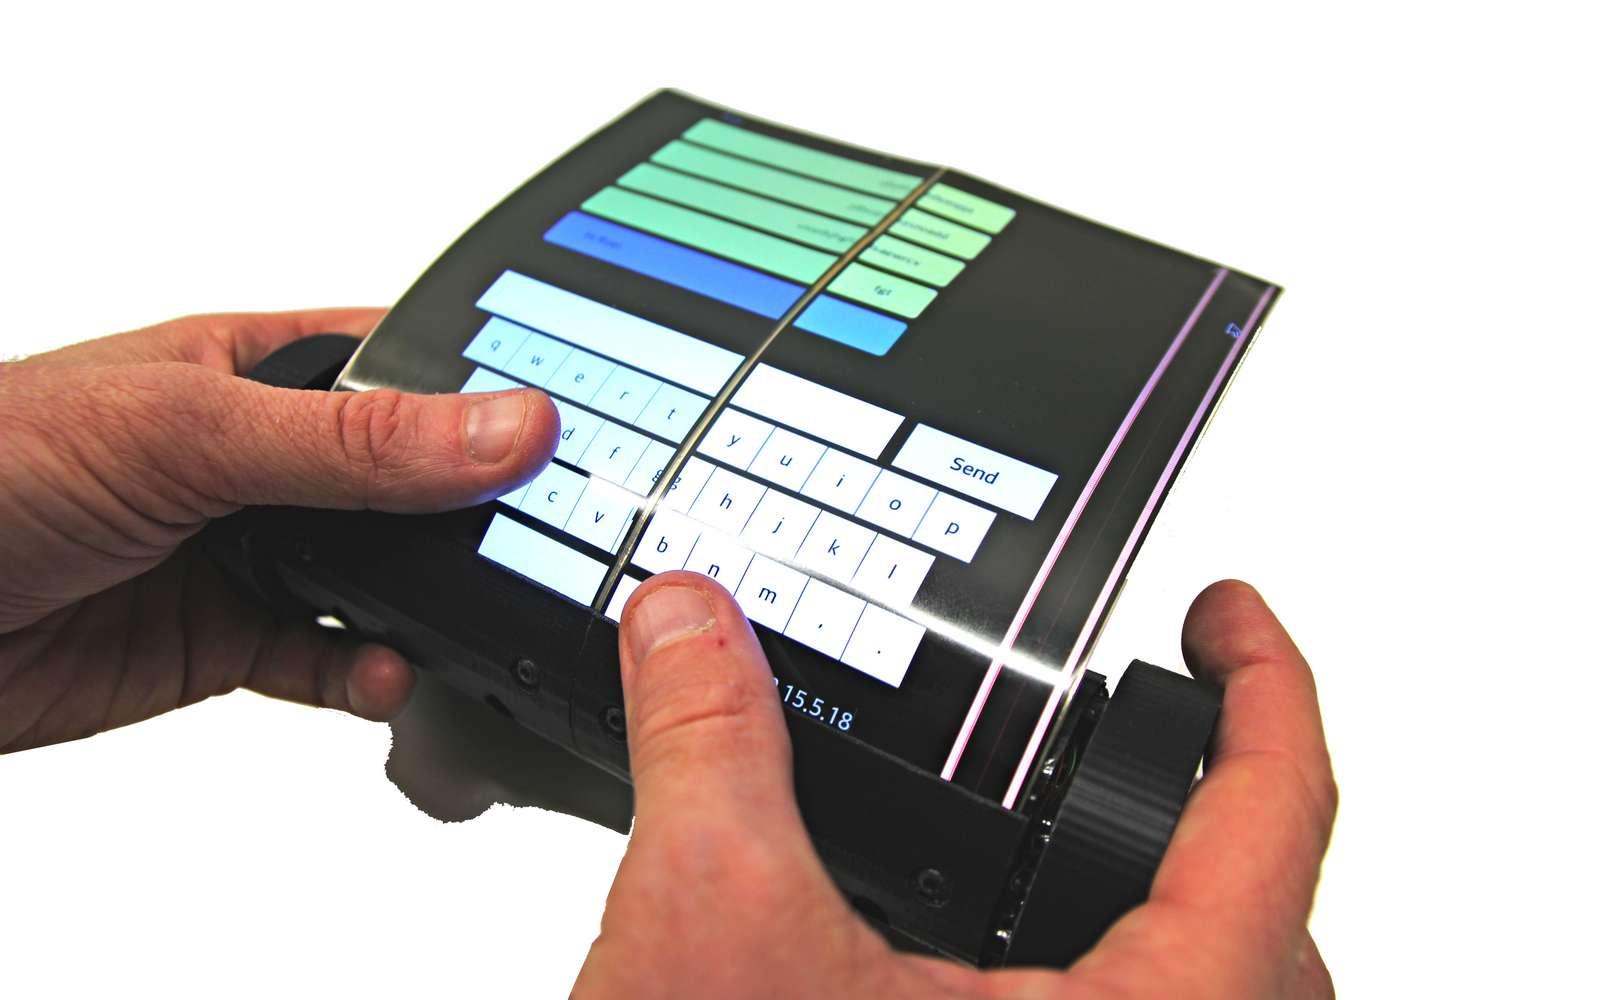 La tablette-smartphone MagicScroll est équipée d'un écran flexible de 7,5 pouces. © Human Media Lab.